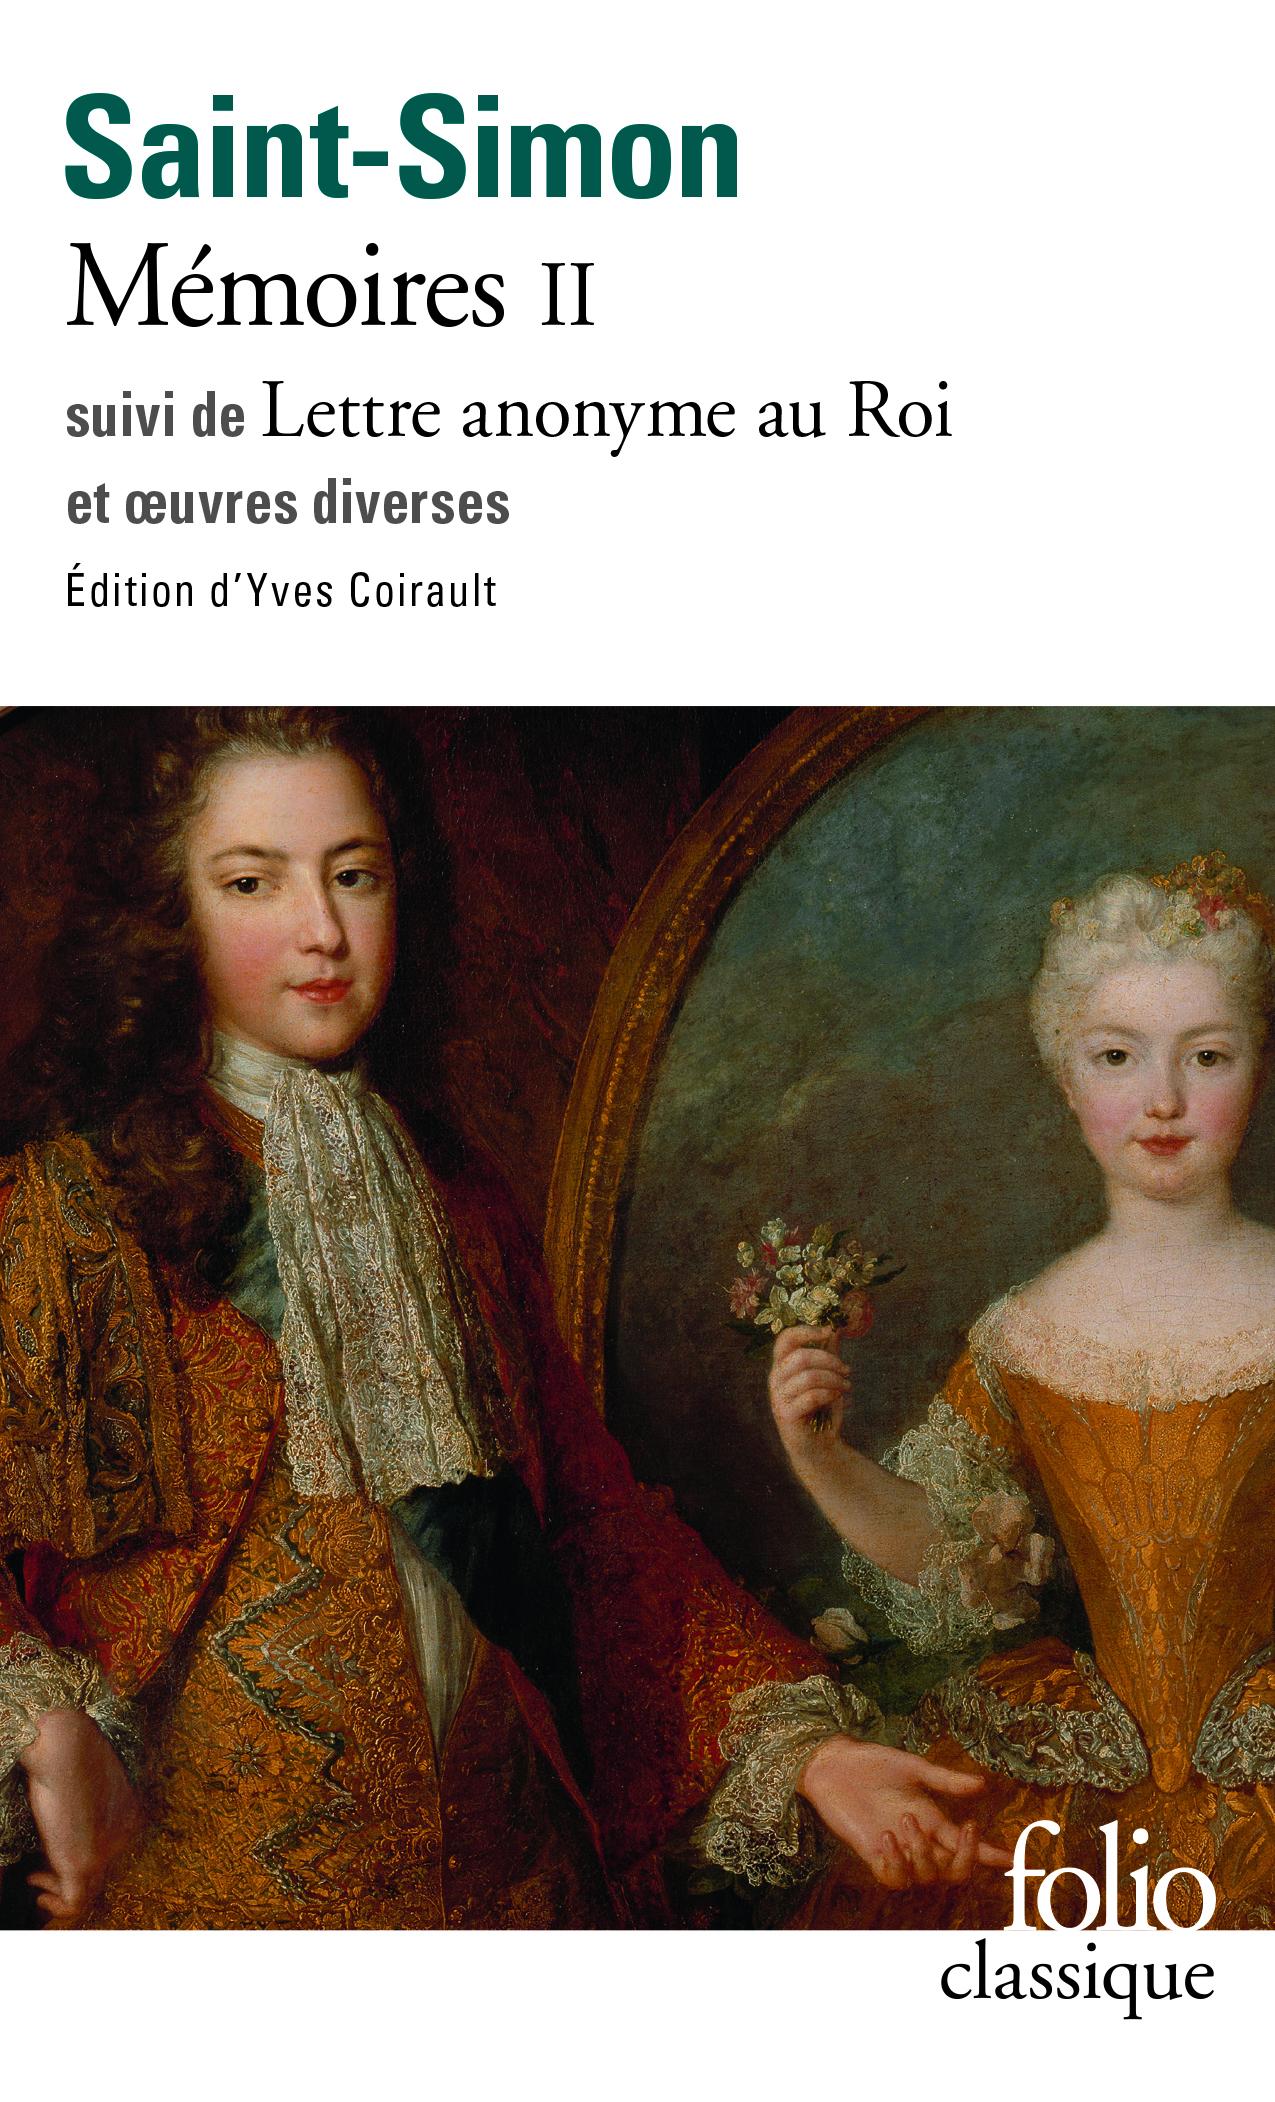 Saint-Simon, Mémoires. Textes choisis, t. II (éd. Y. Coirault, Folio Classiques)